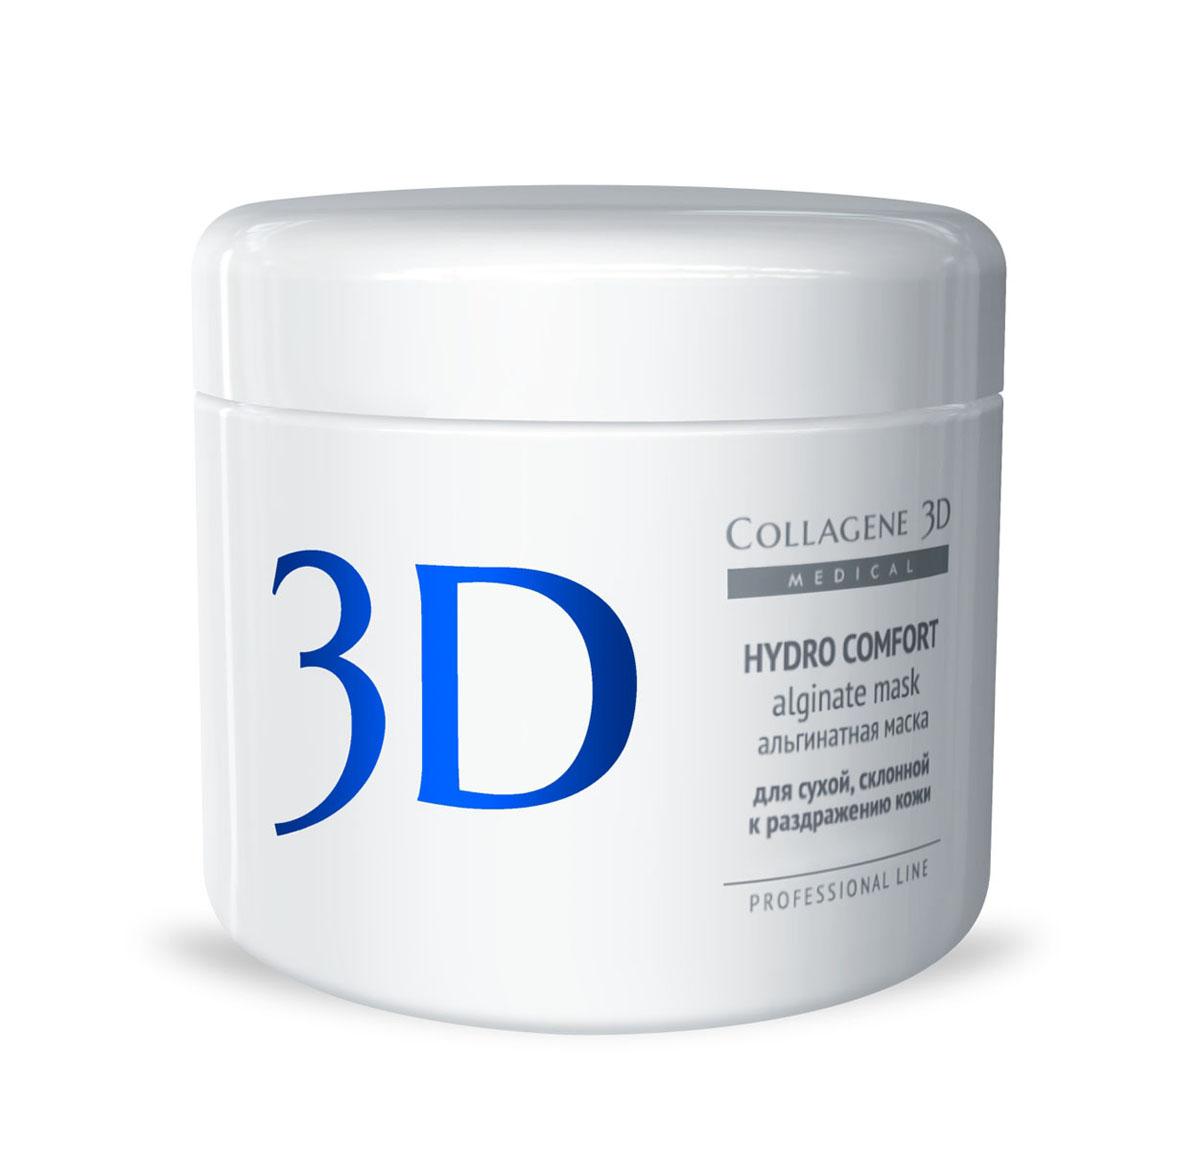 Medical Collagene 3D Альгинатная маска для лица и тела Hydro Comfort, 200 г22008Высокоэффективная, пластифицирующая маска на основе лучшего натурального сырья. Благодаря экстракту Алоэ вера входящий в состав, способствует востановлению кожных покровов, снимает воспаление и активно увлажняет.